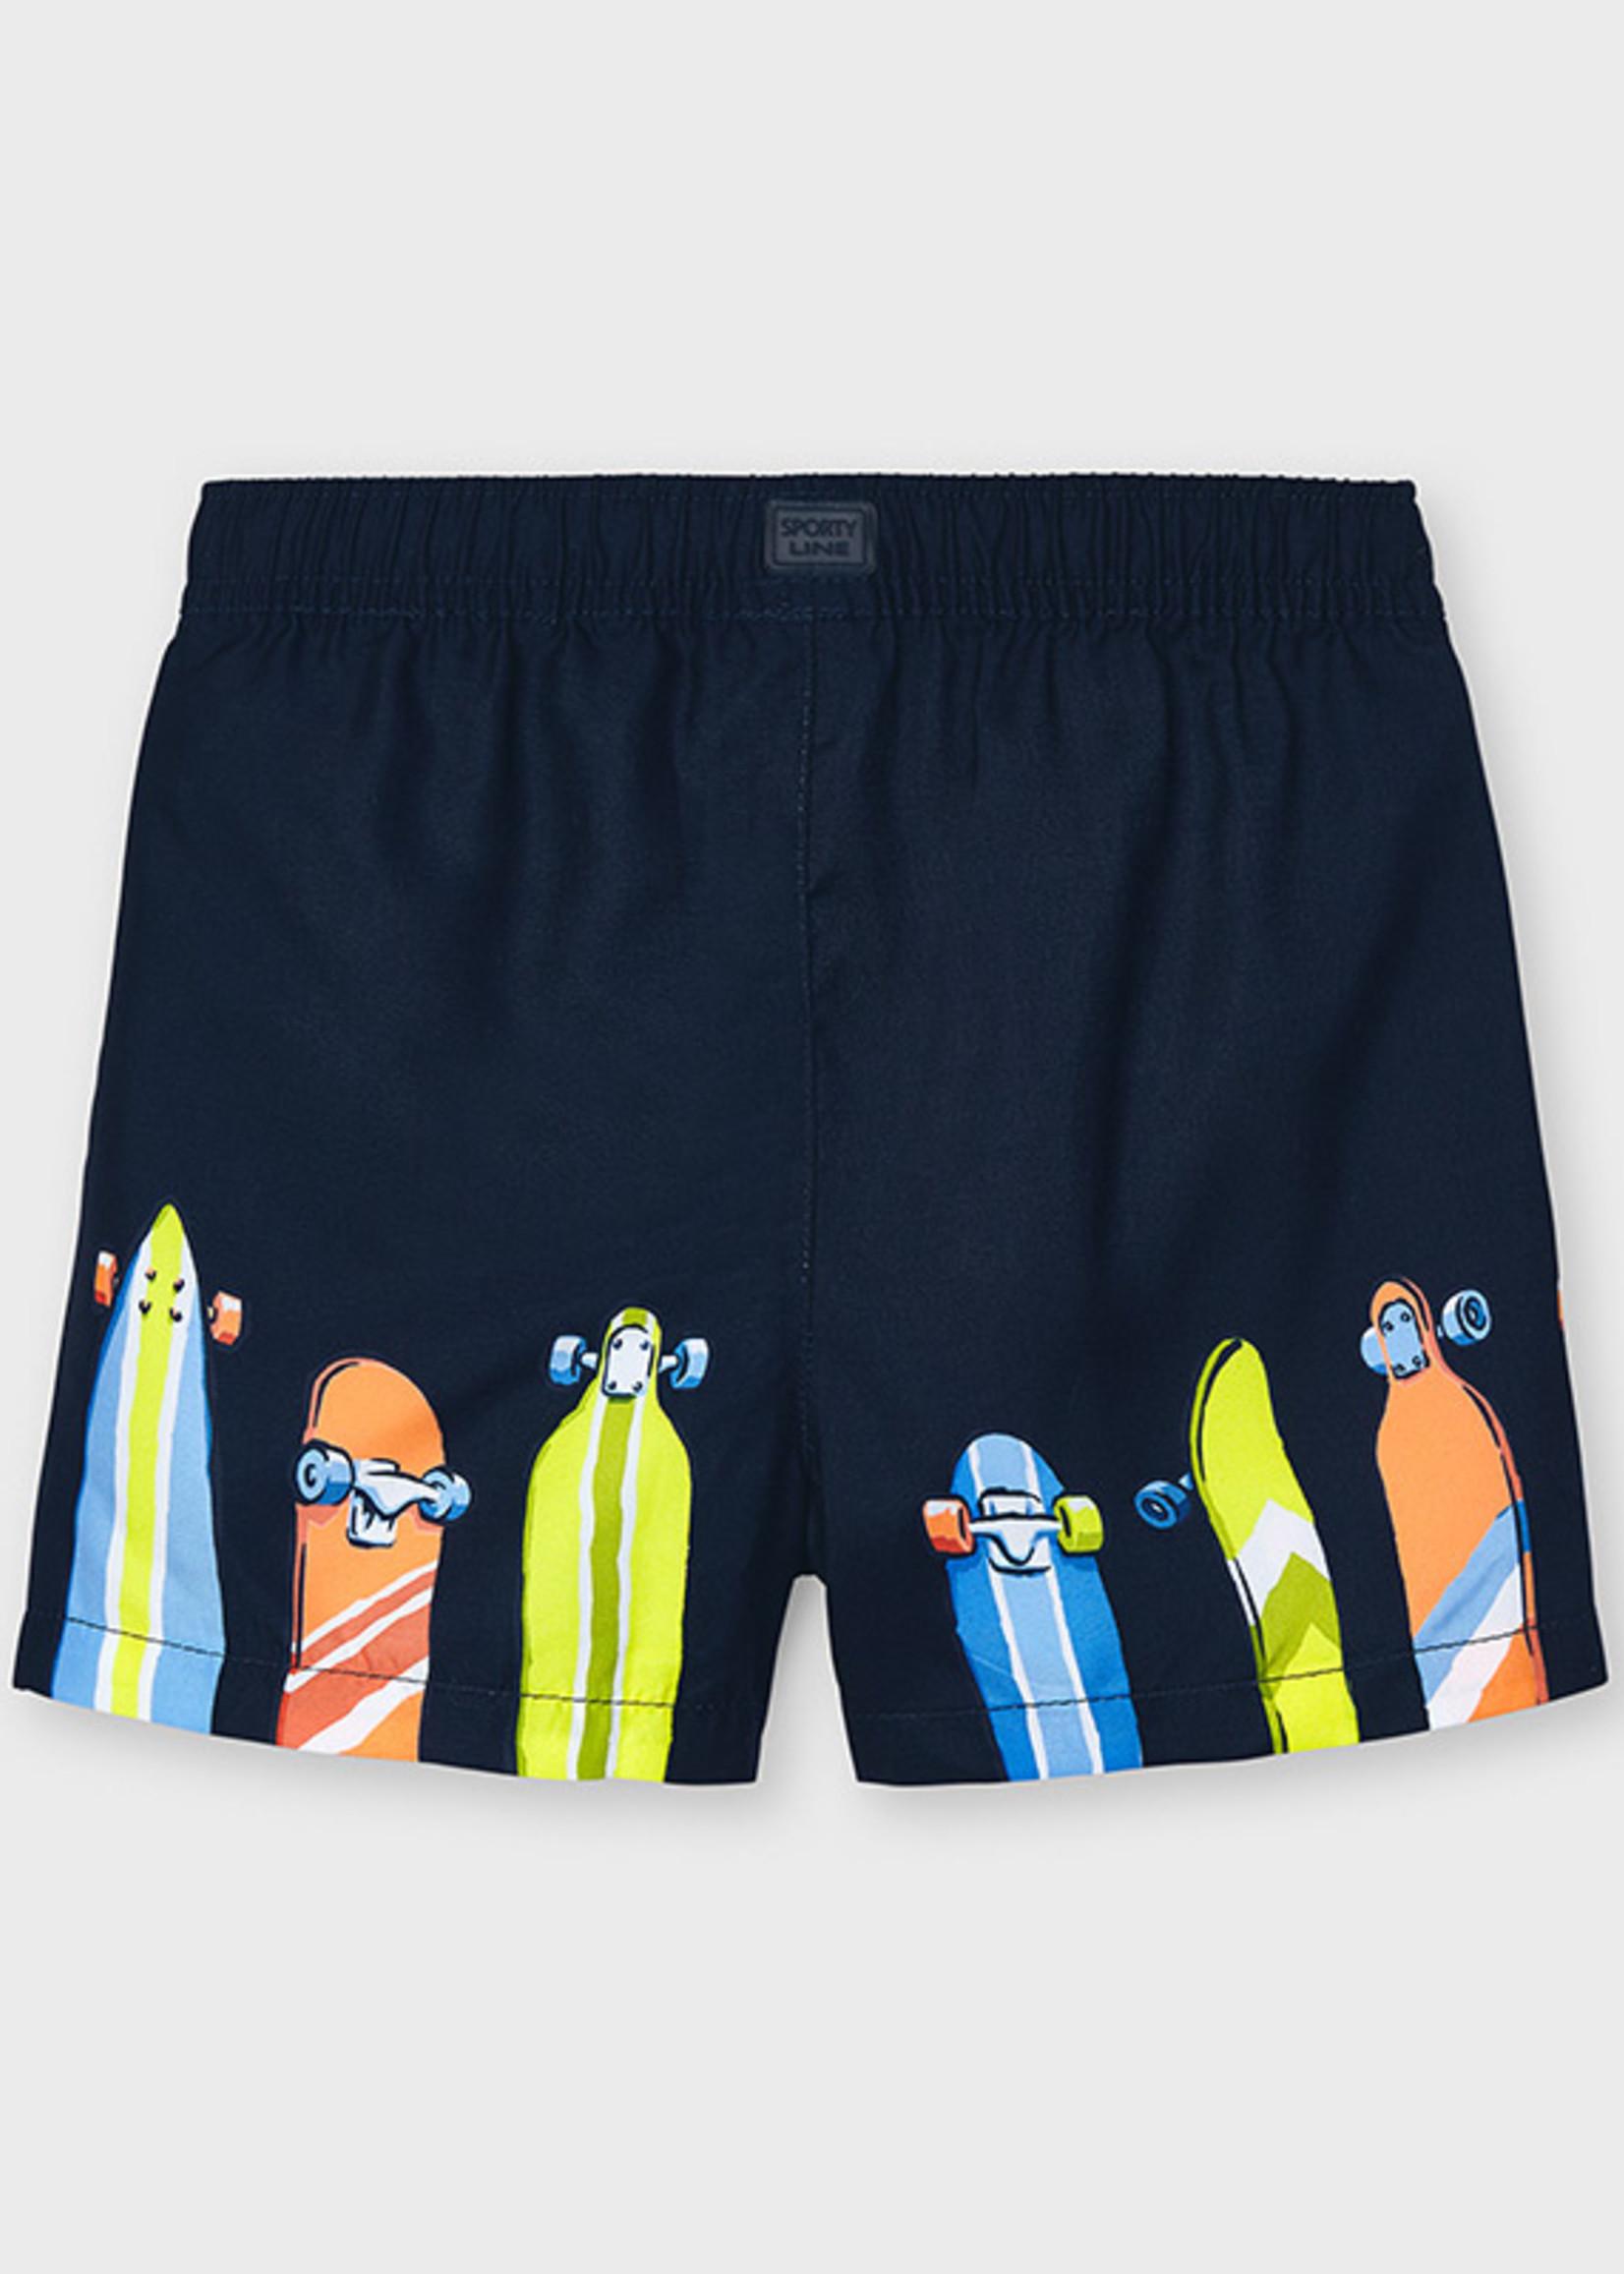 Mayoral Mayoral bathing suit shorts